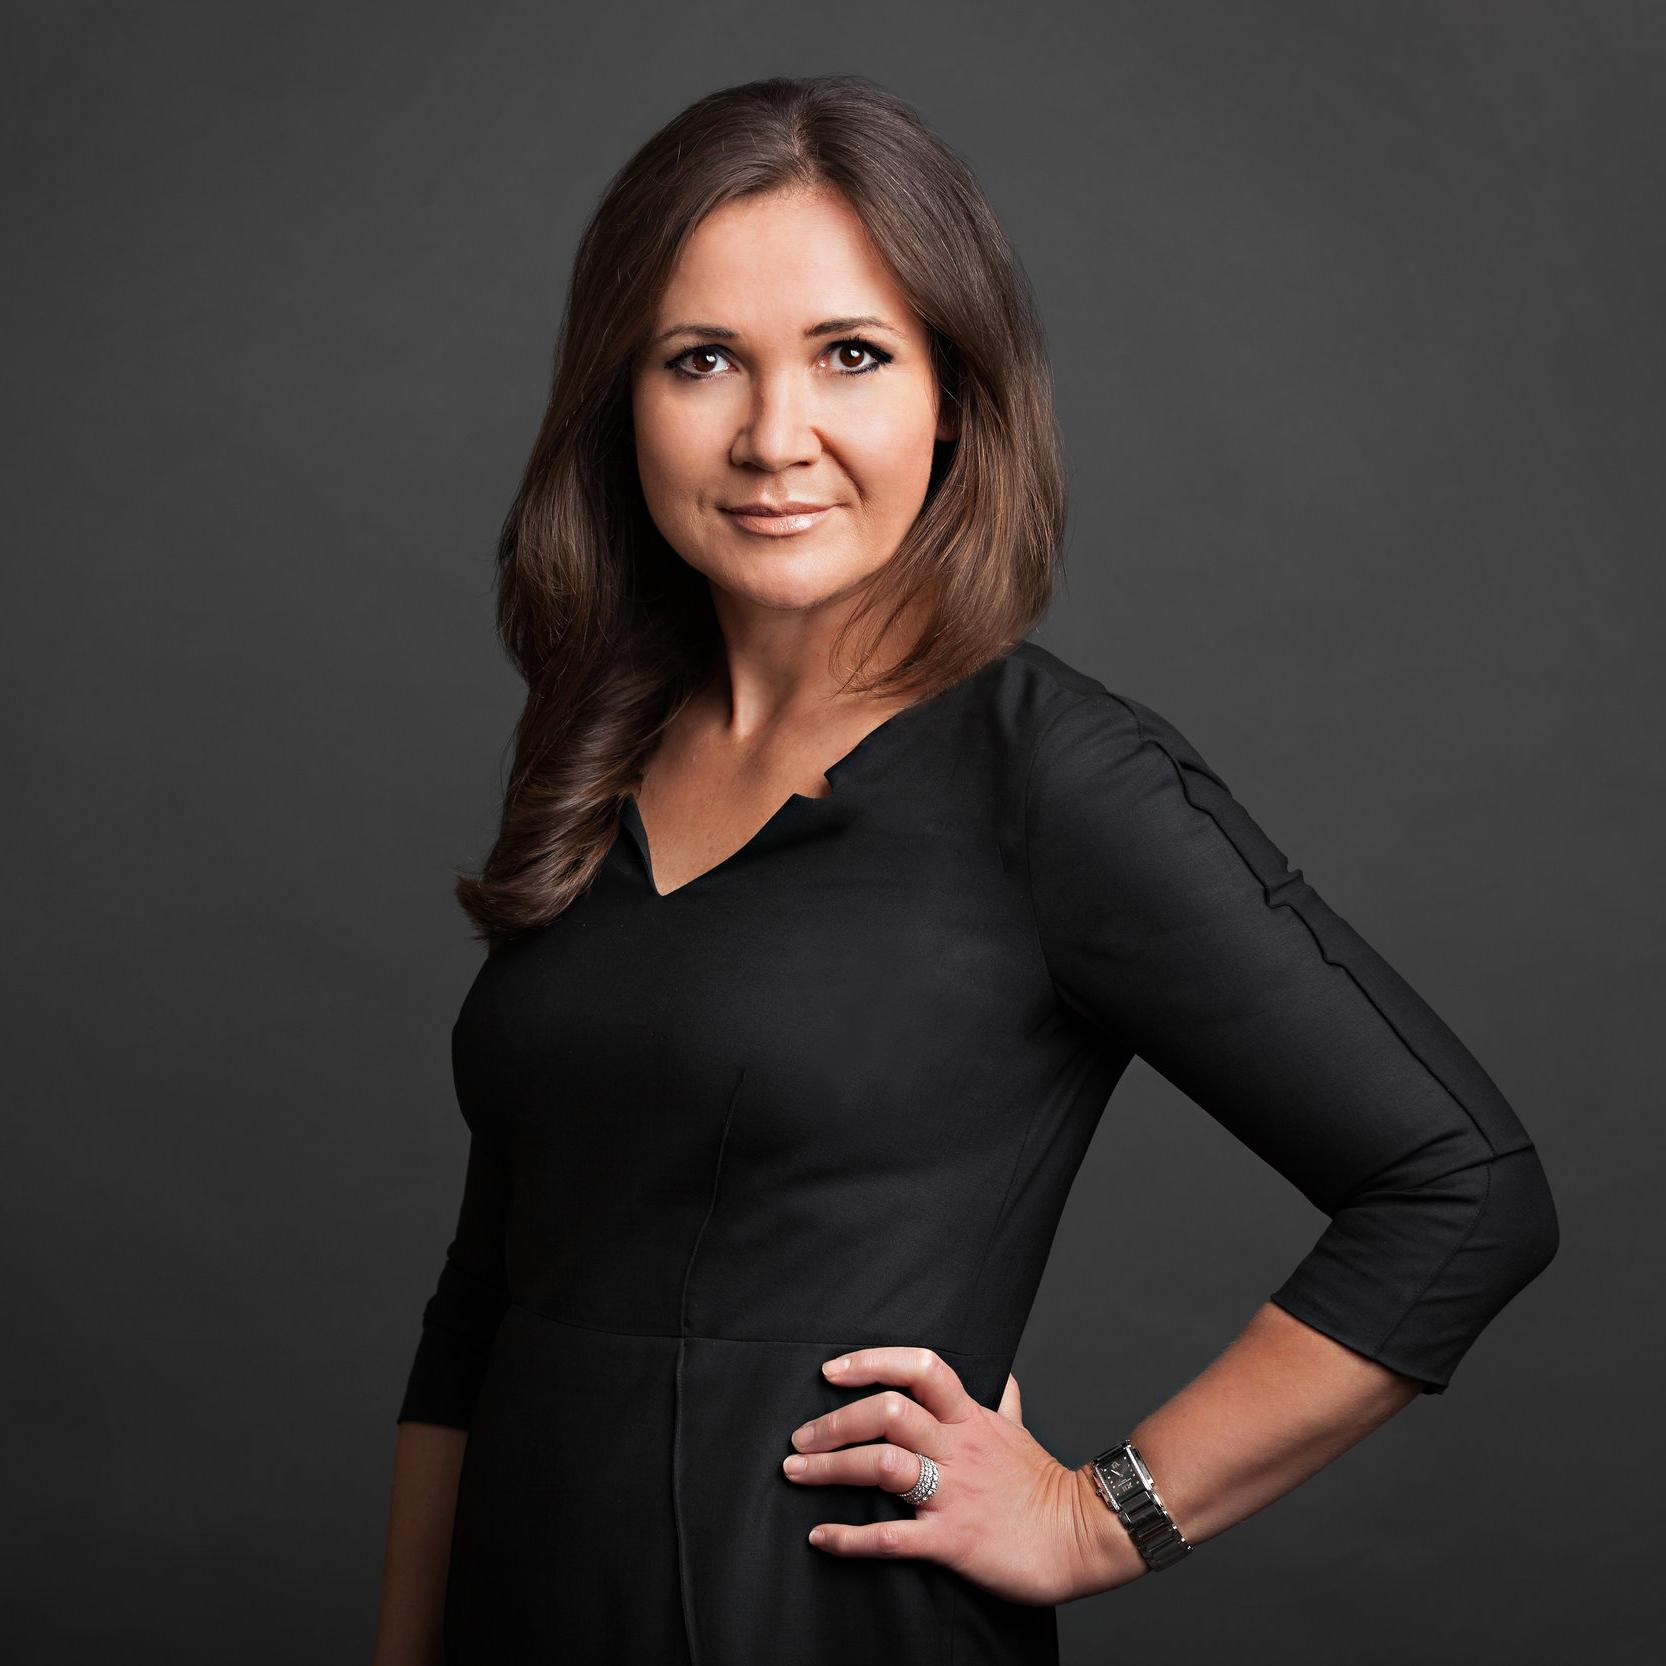 Dr. Beata Majewski - Board Certified in Rheumatology